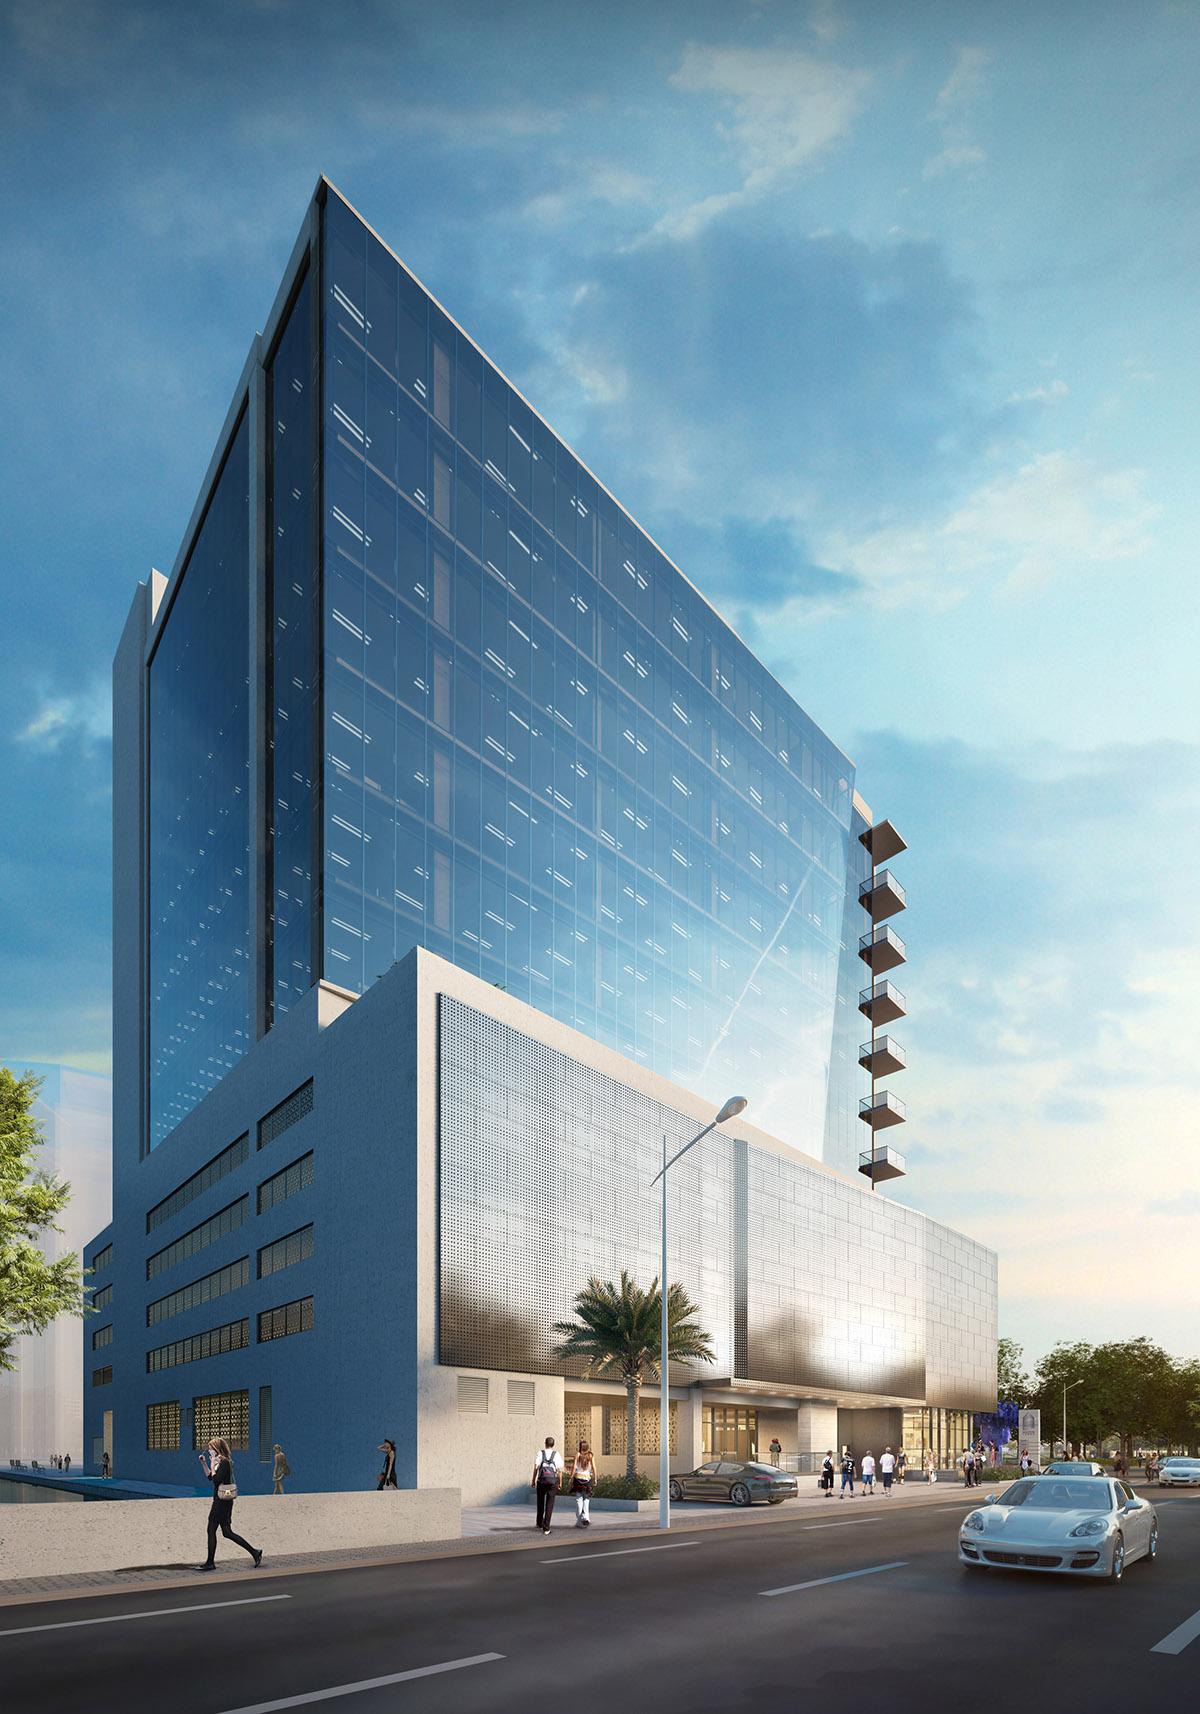 Milton tower digital rendering 1